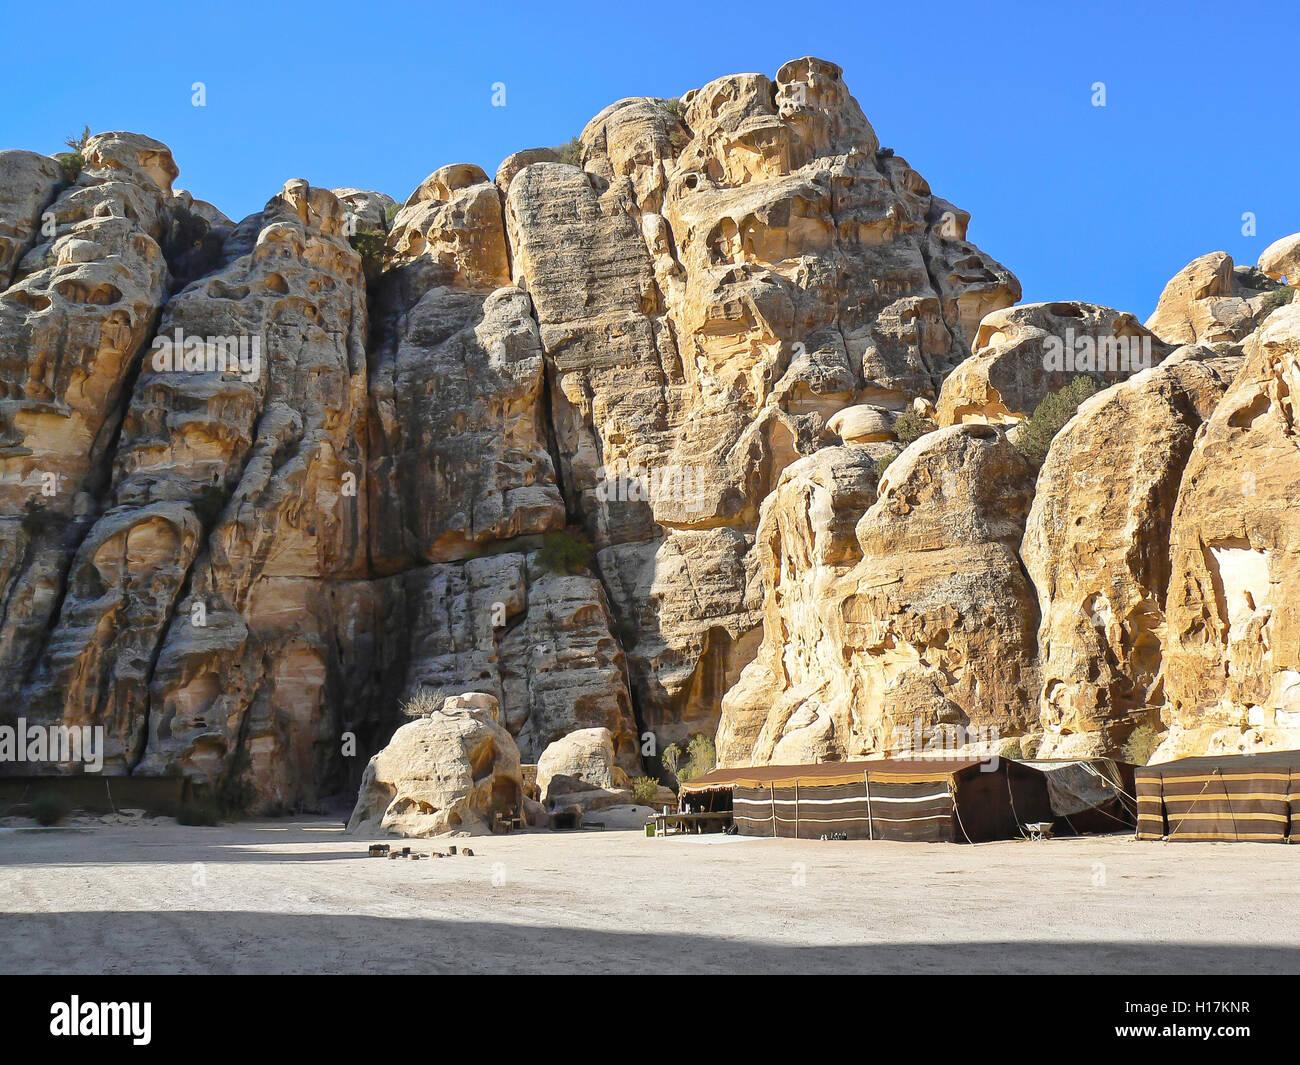 Campamento de beduinos para turistas, en las montañas de Petra, Jordania Imagen De Stock